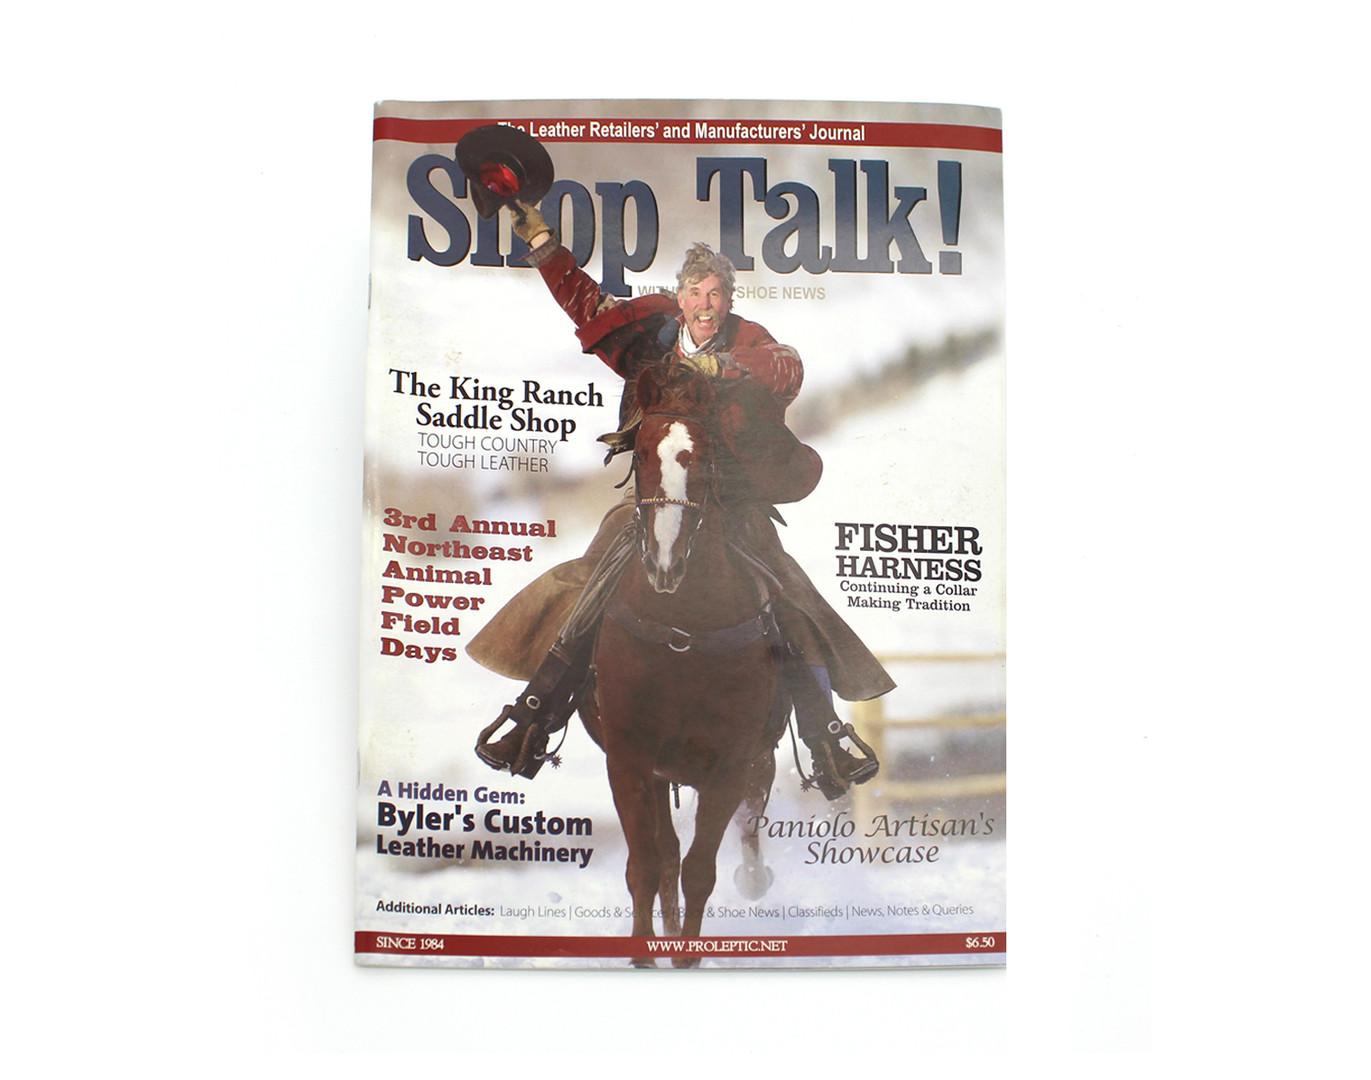 SHOP TALK MAG CVR.jpg